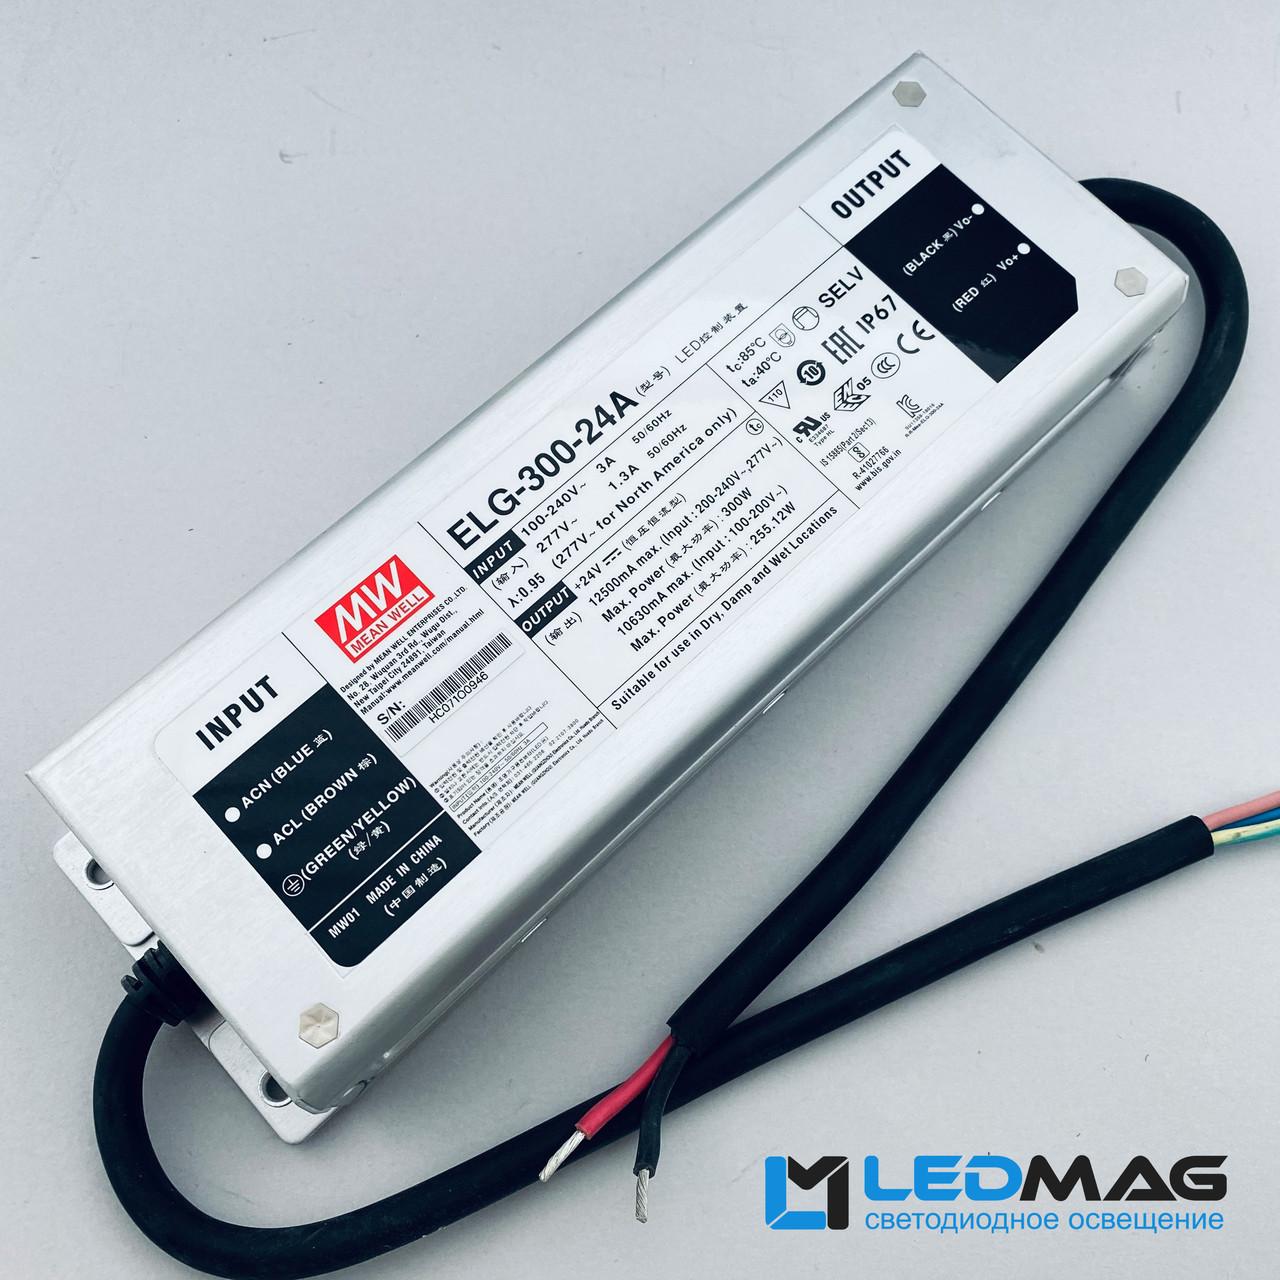 Блок питания для светодиодной ленты 24В 300Вт герметичный MEANWELL ELG-300-24. Блок питания 300W 24V